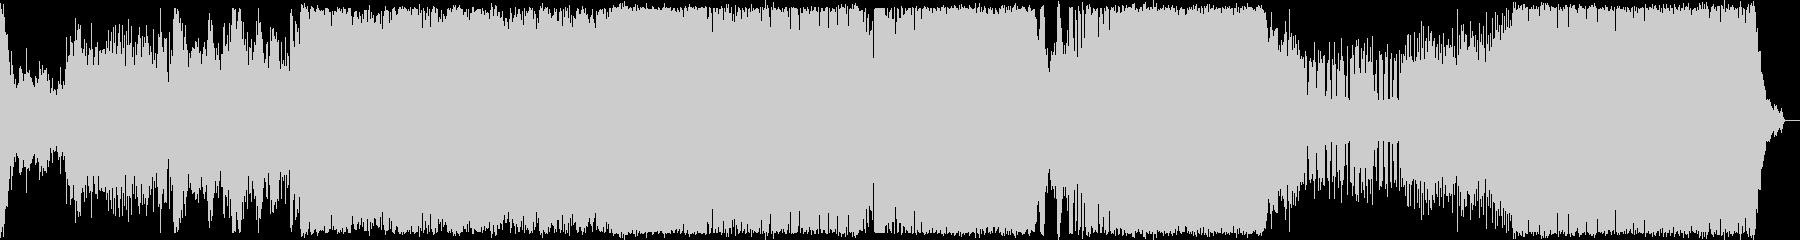 プログレッシブハウス。オーケストラ。の未再生の波形